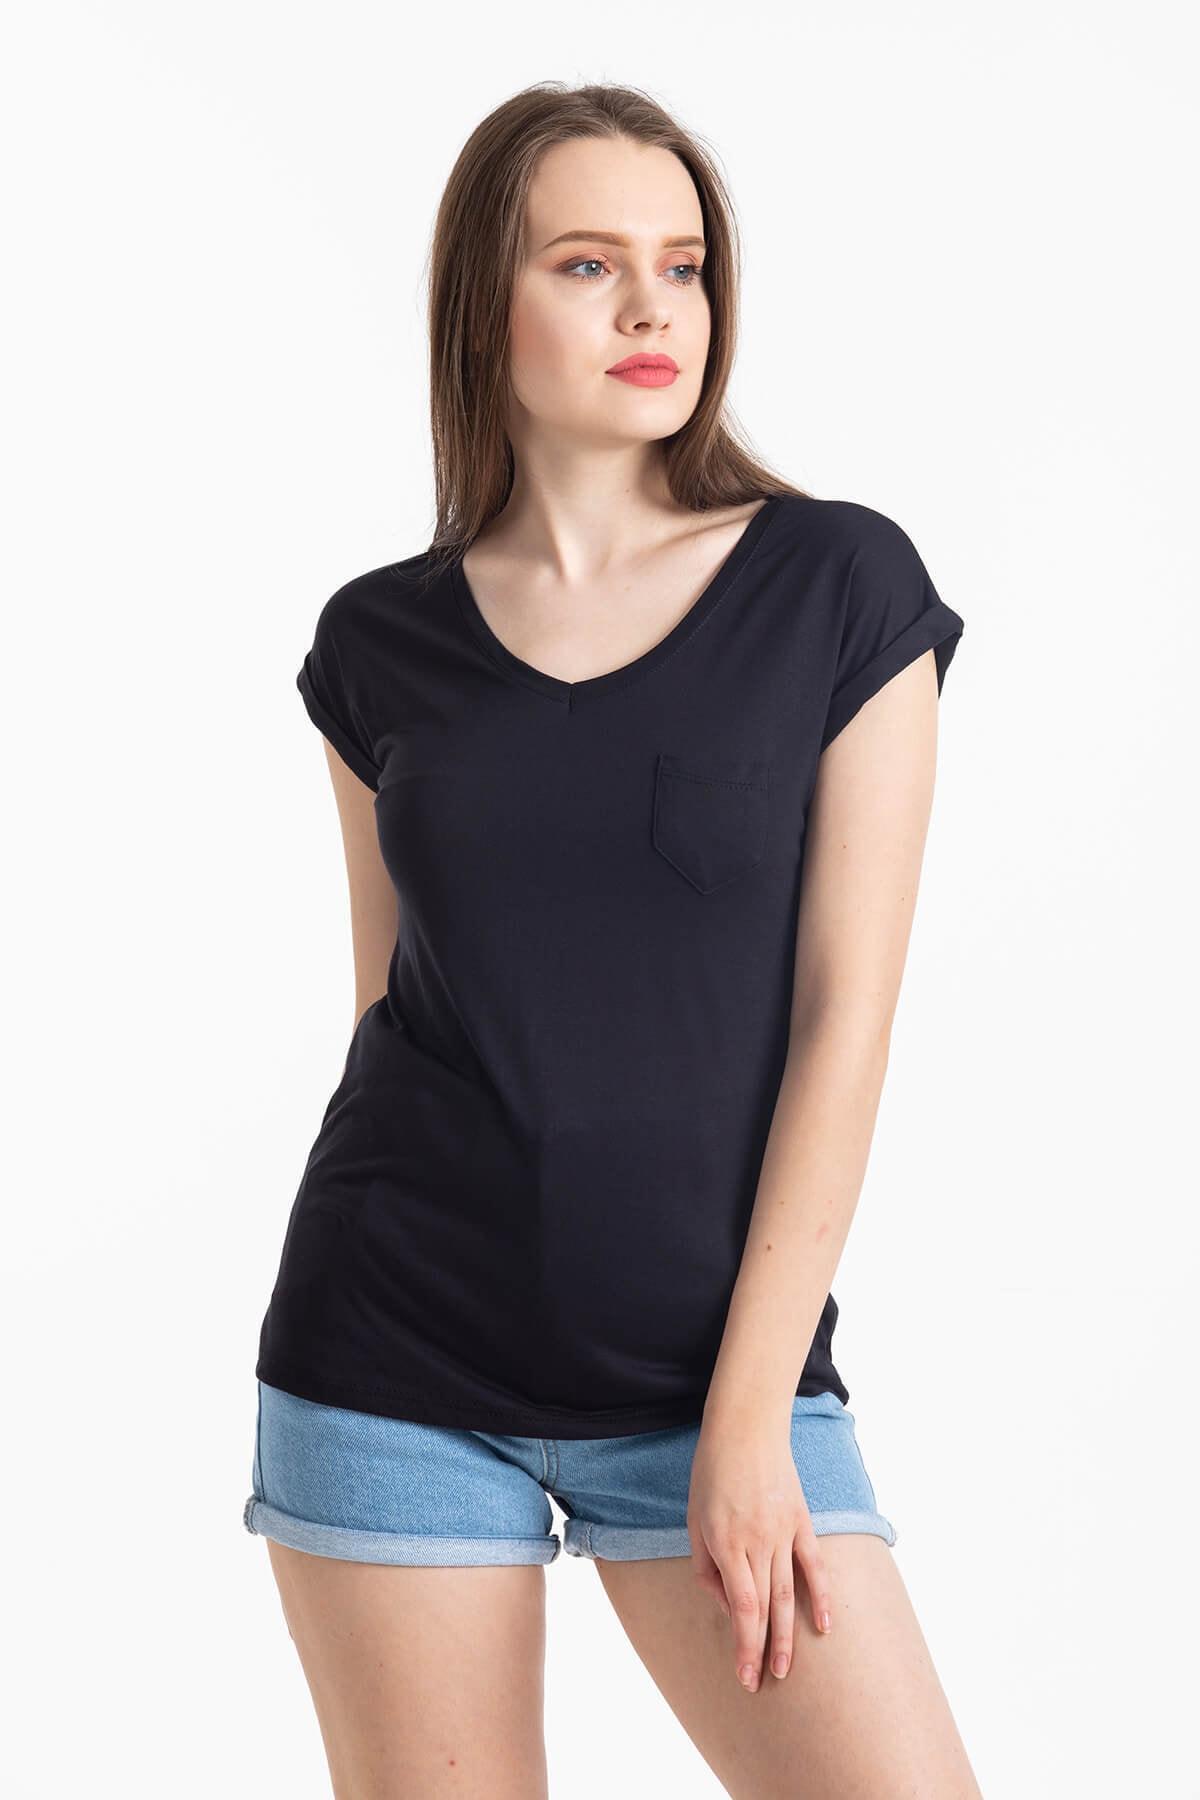 Mossta Kadın Siyah V Yaka Cepli T-shirt 1